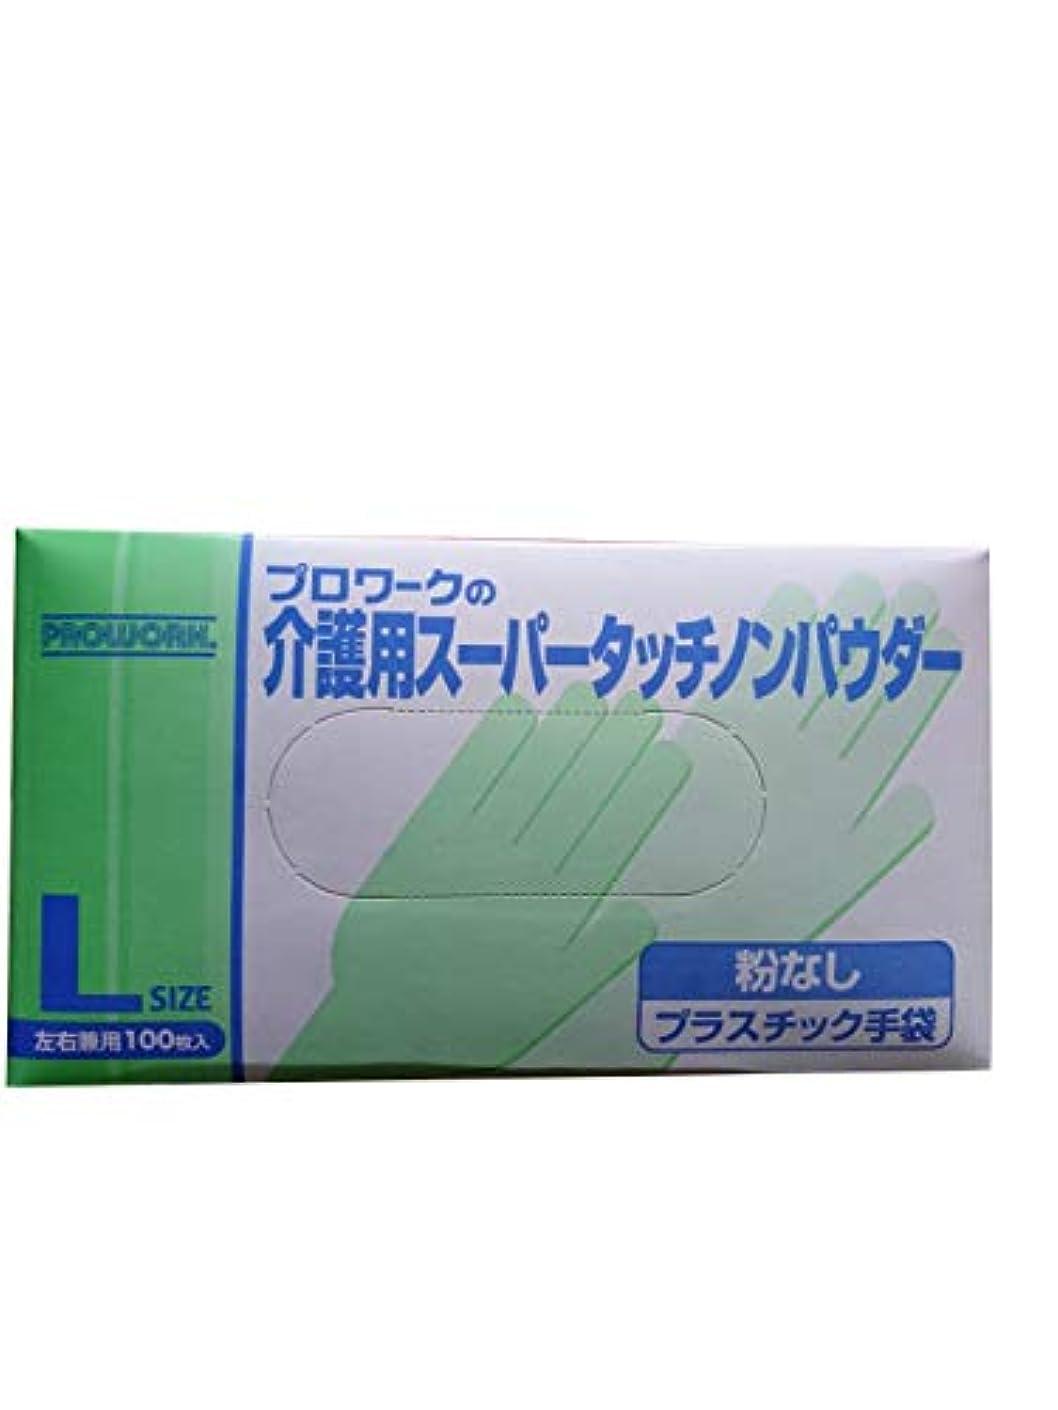 ビタミンスーパーマーケットパイント介護用スーパータッチノンパウダー プラスチック手袋 粉なし Lサイズ 左右兼用100枚入